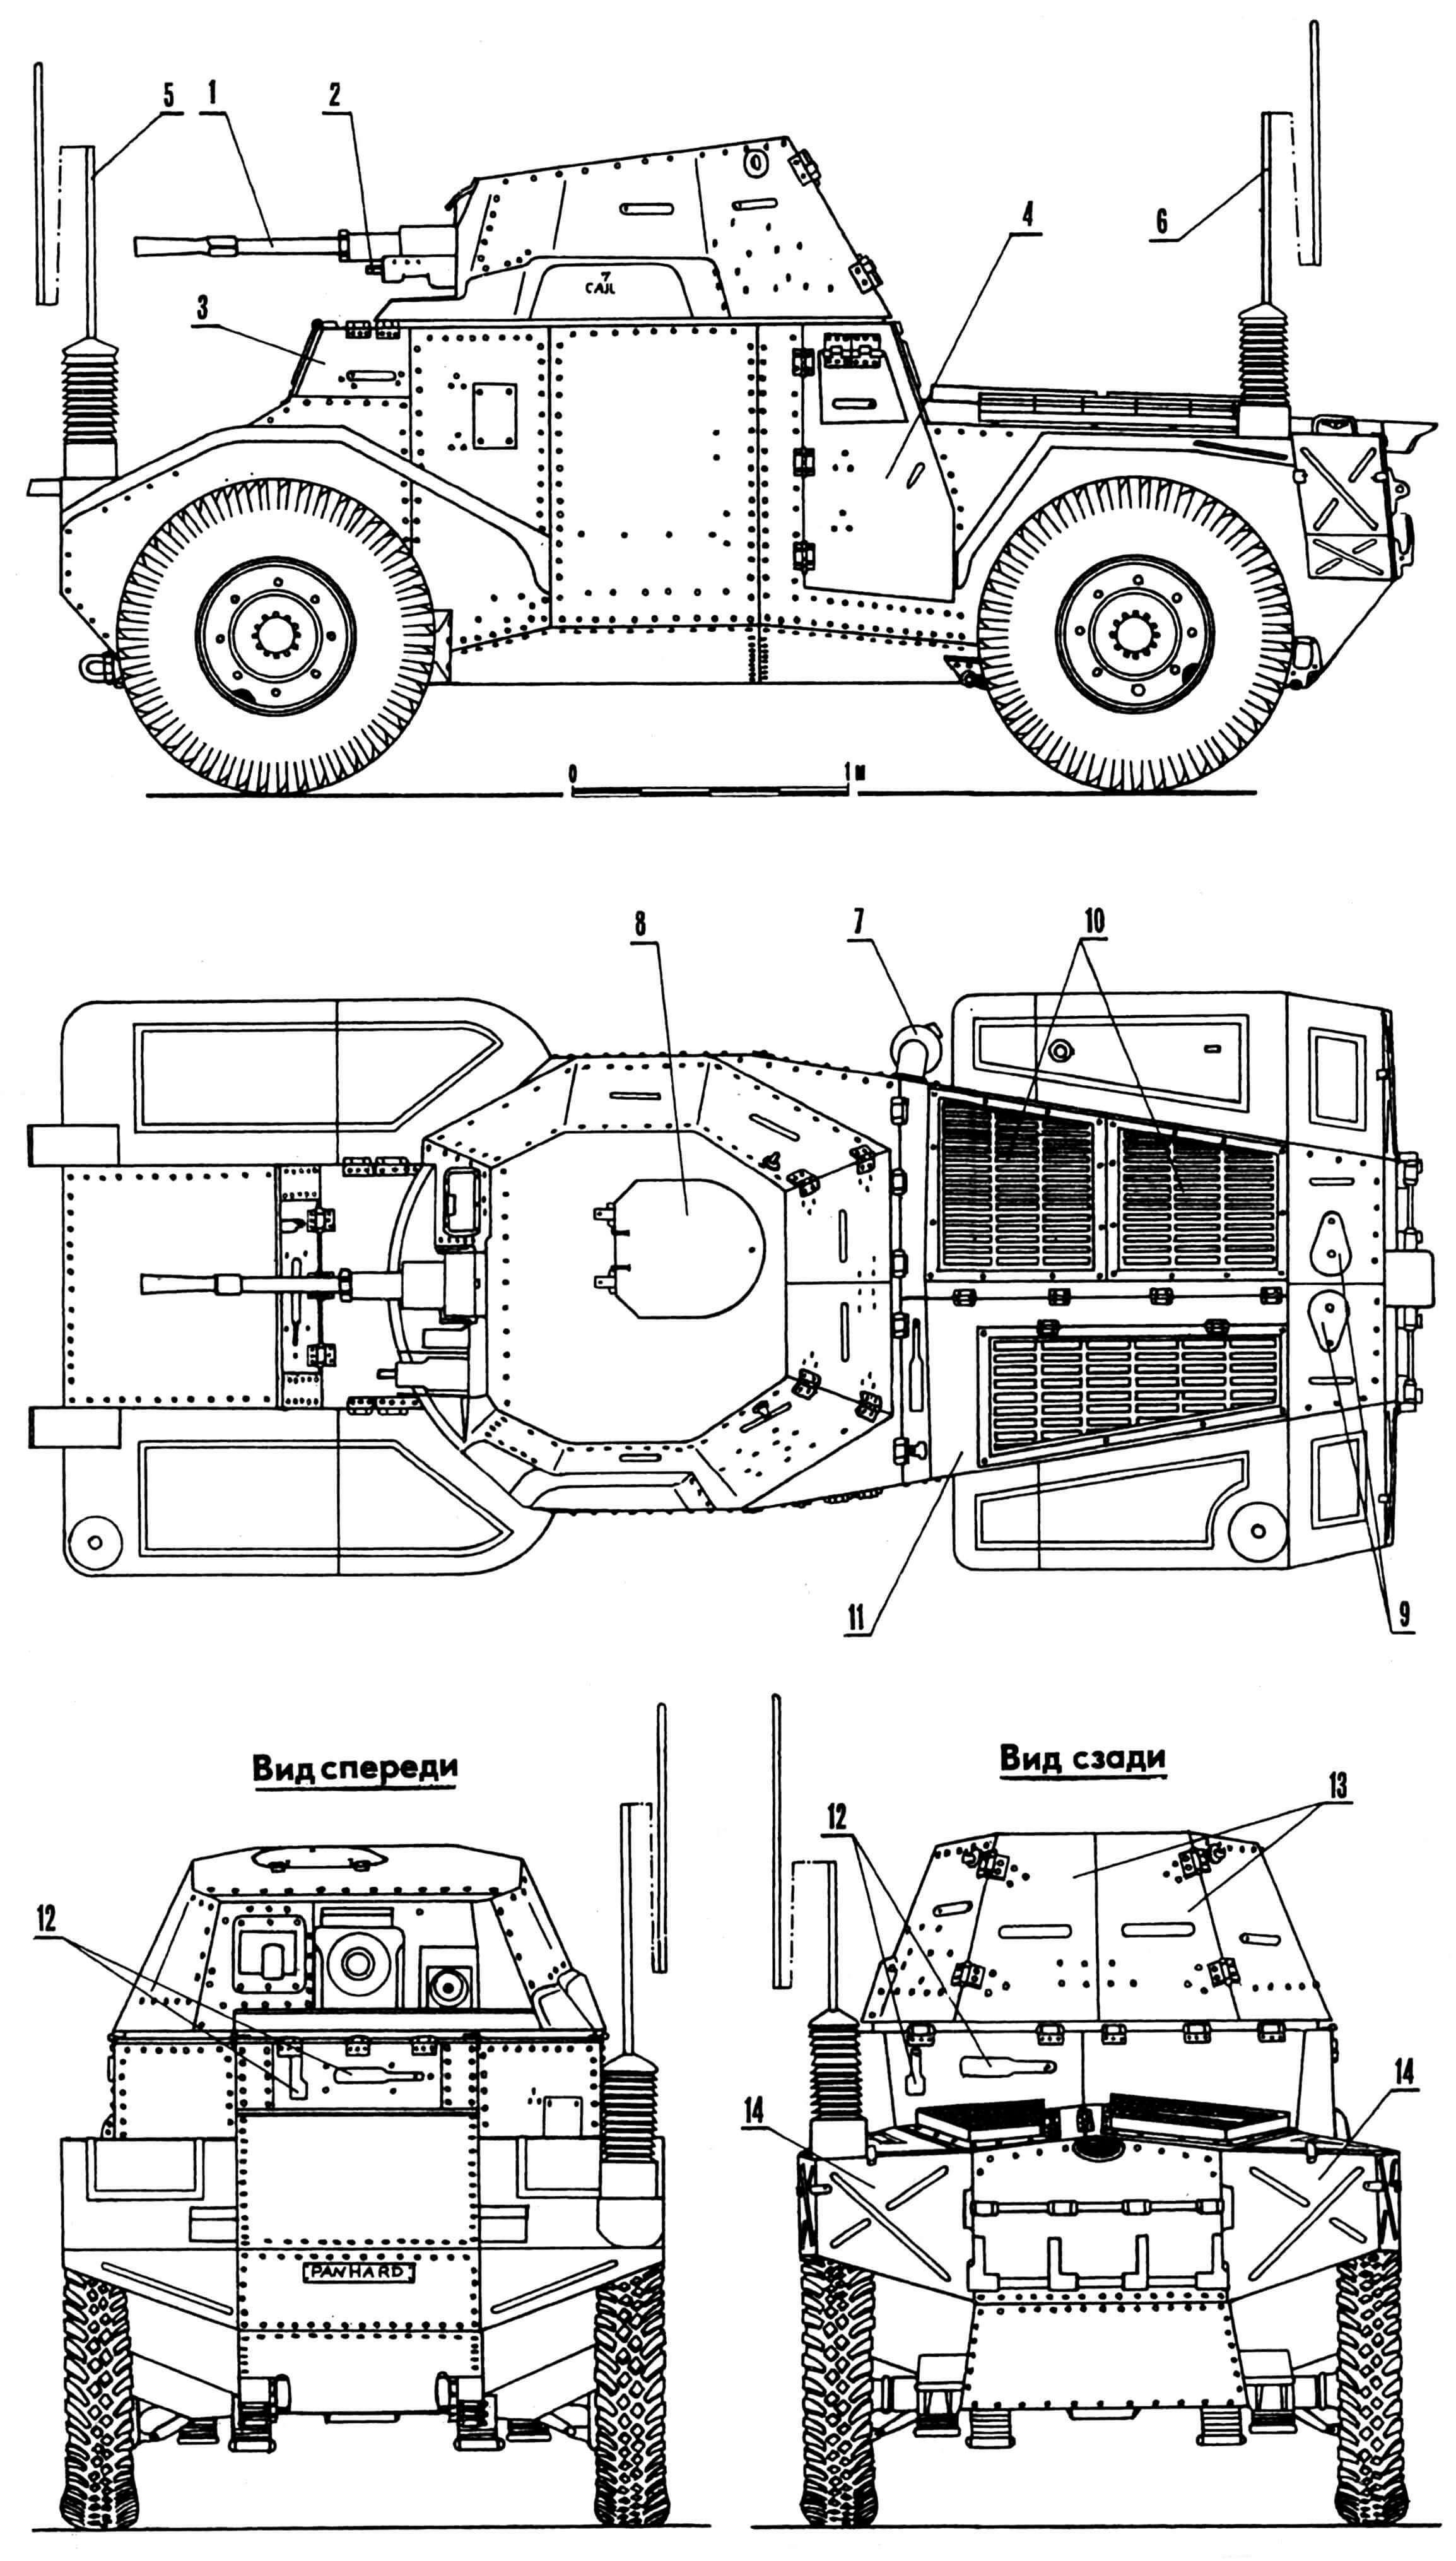 Бронеавтомобиль АМД-35: 1 — пушка калибра 25 мм, 2 — пулемет калибра 7,5 мм, 3 — крышка люка механика-водителя, 4 — дверь кормового поста управления, 5,6 — антенны, 7 — глушитель, 8 — крышка башенного люка, 9 — крышки заливных горловин топливных баков, 10 — жалюзи воздухопритоков к двигателю, 11 — крышка моторного люка, 12 — заслонки смотровых щелей, 13 — дверцы башенного посадочного люка, 14 — ящики для ЗИП и снаряжения.